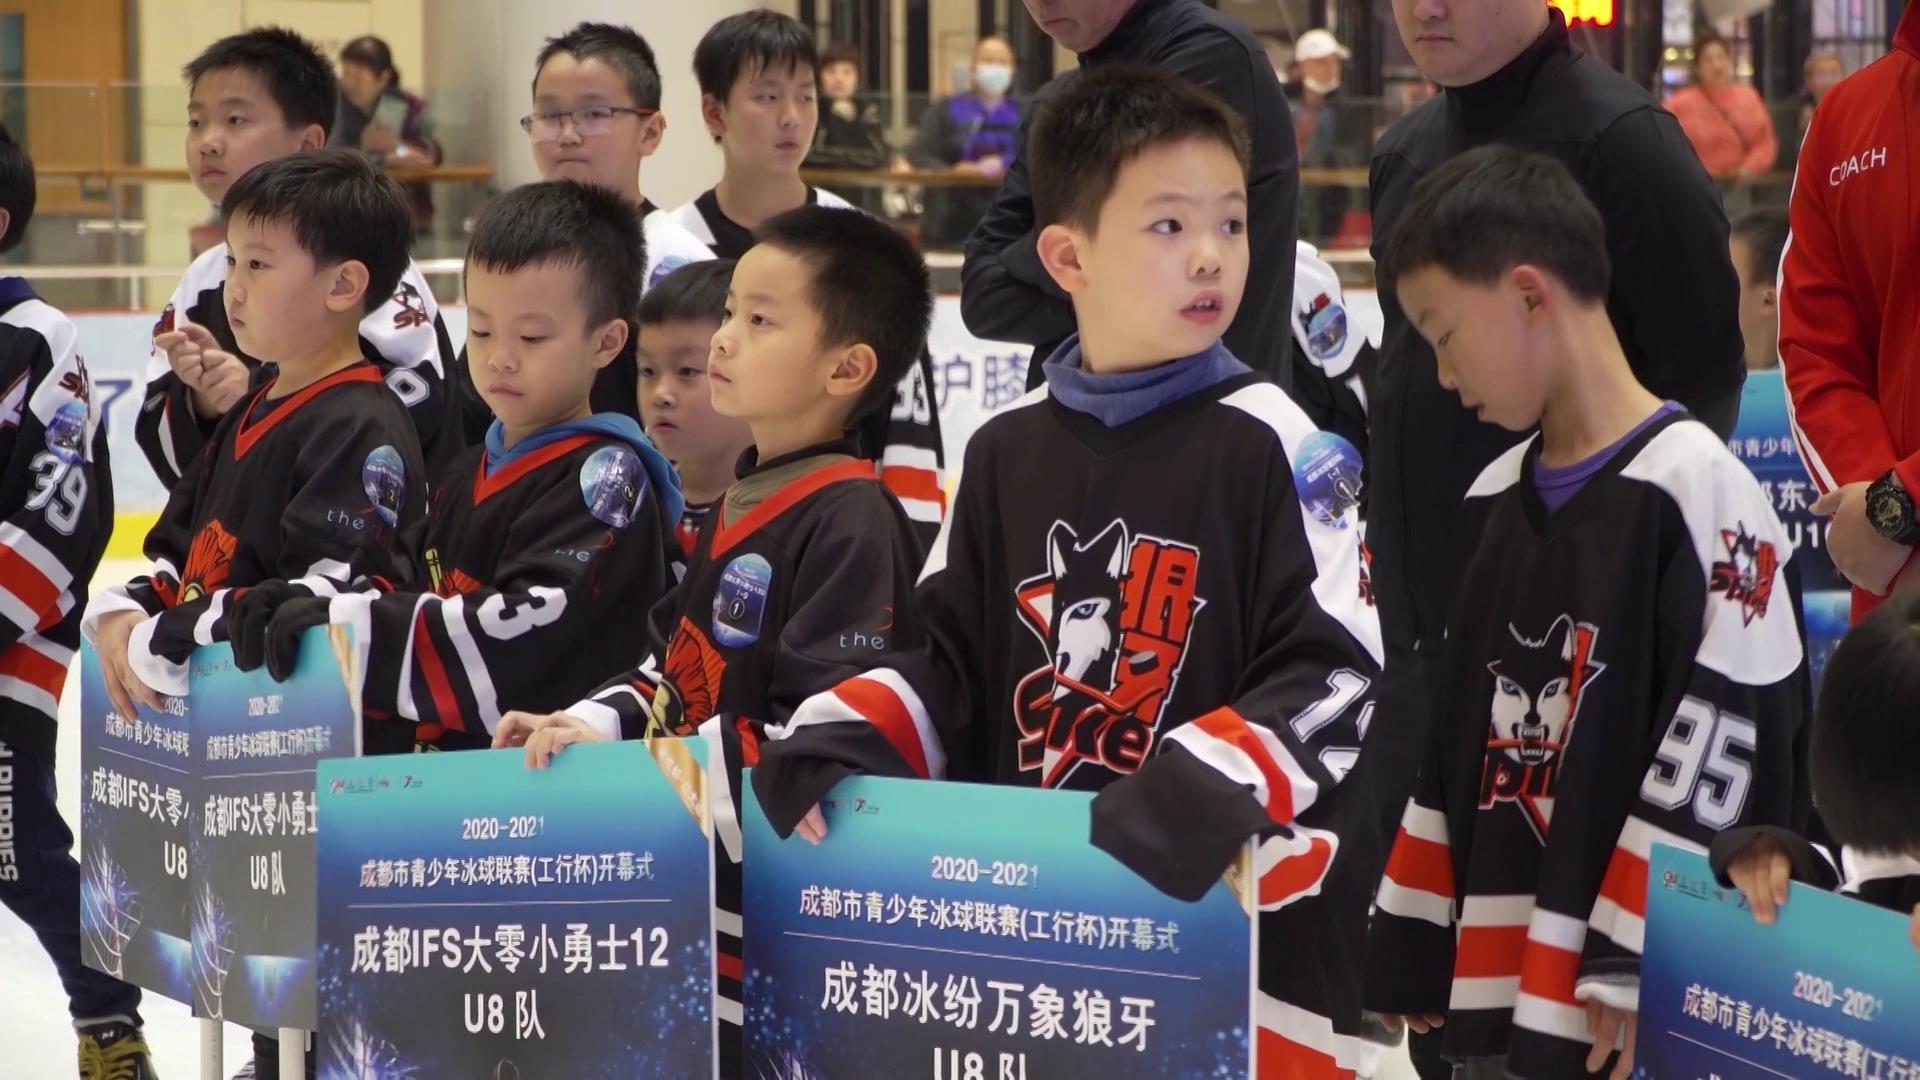 成都市青少年冰球联赛开幕